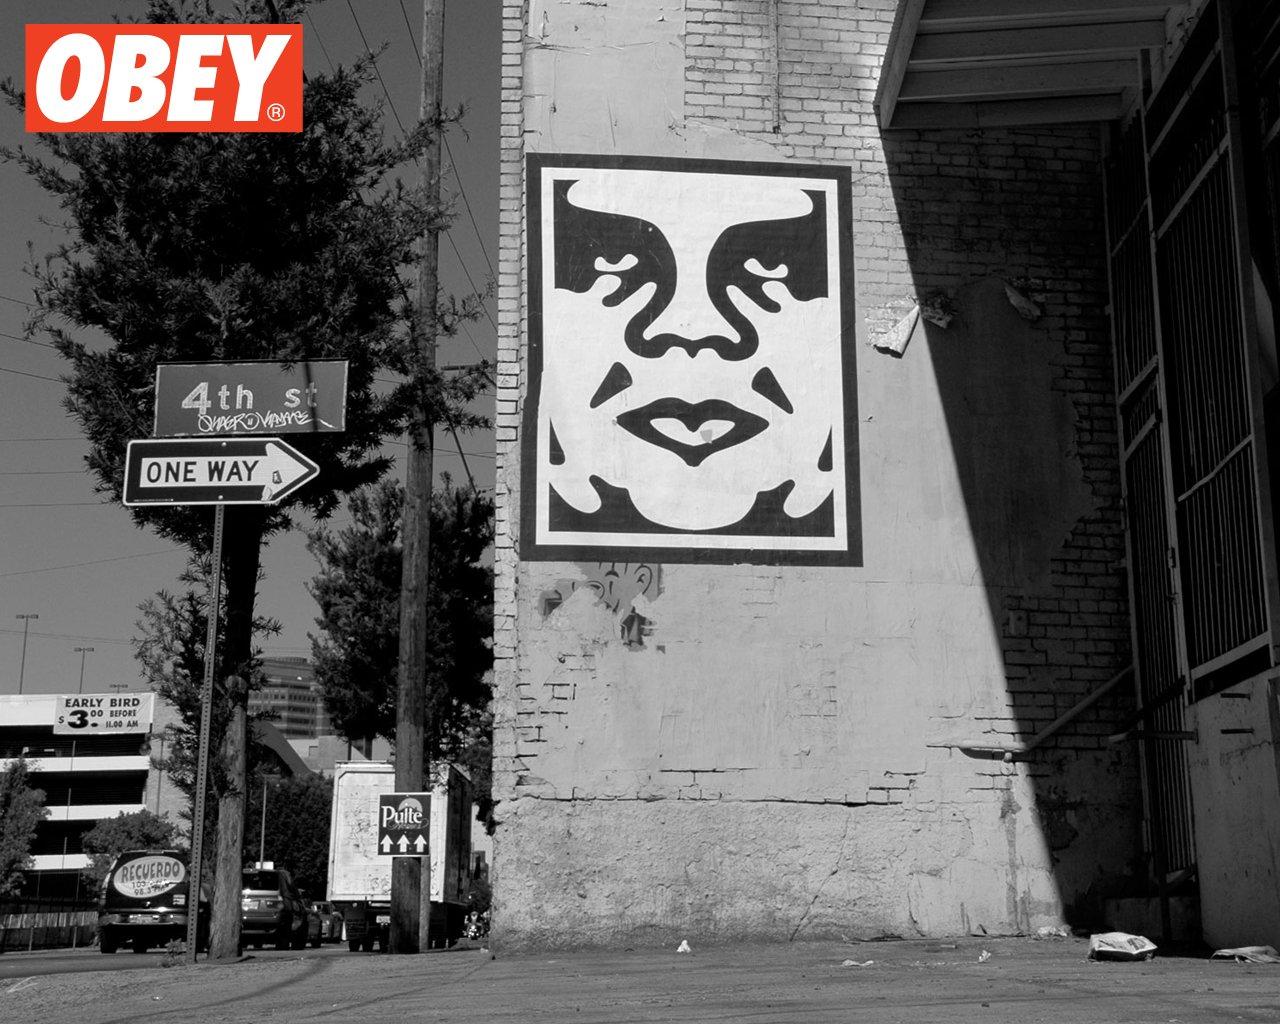 obey_wallpaper_02-349933491.jpg